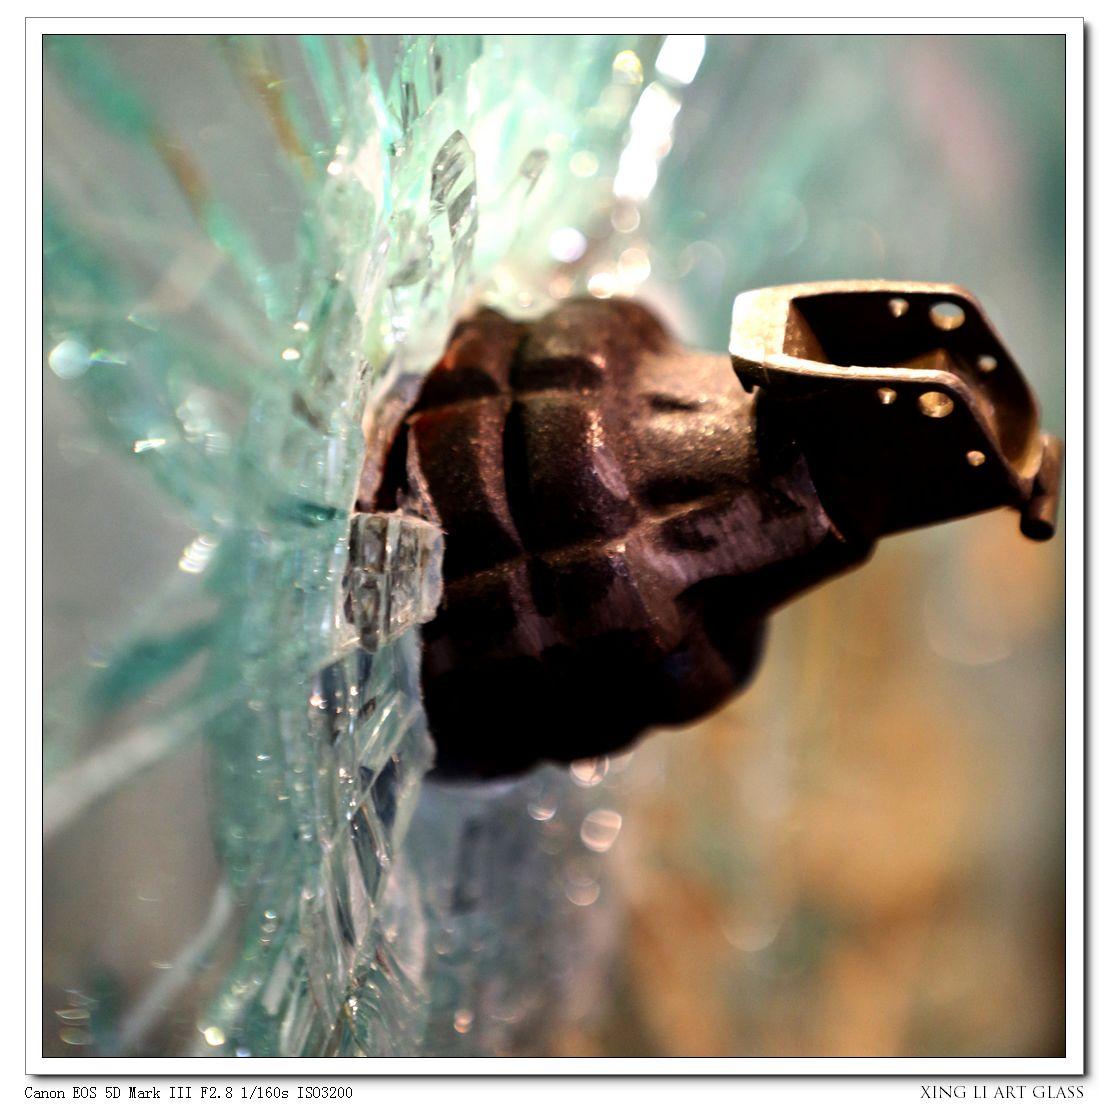 村长的玻璃艺术 《战争与和平》_图1-2